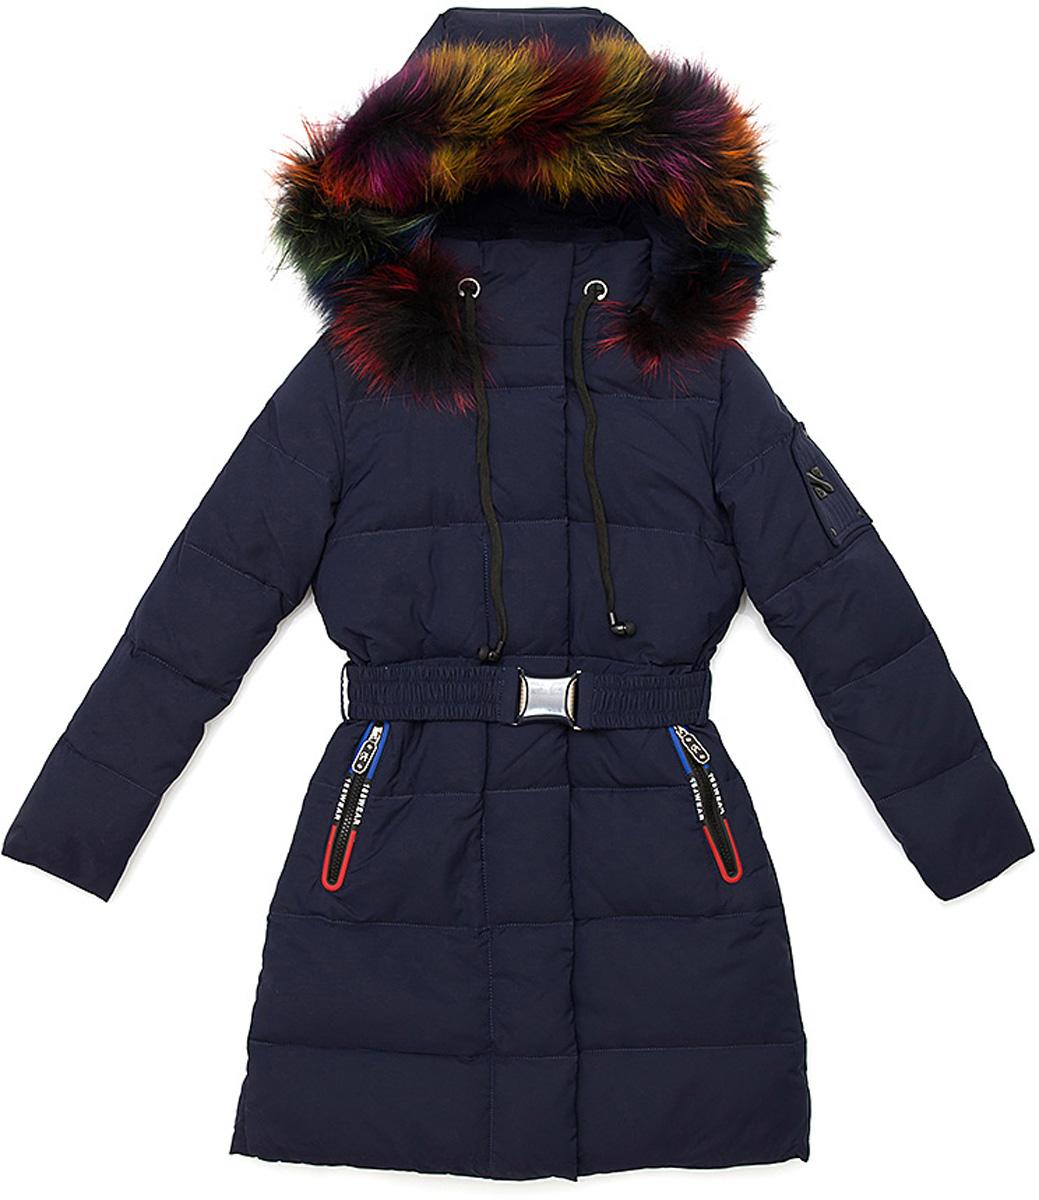 Куртка для девочки Vitacci, цвет: синий. 2171462-04. Размер 1602171462-04Удлиненная куртка-пальто для девочки Vitacci, изготовленная из полиэстера, станет стильнымдополнением к детскому гардеробу.Подкладка выполнена из полиэстера и дополнительно утеплена флисом по спинке. В качестве утеплителя используется биопух.Модель застегивается на пластиковую застежку-молнию. Имеет ветрозащитную планку и съемный капюшон с отделкой из натурального разноцветного меха. Спереди расположены два кармана на молнии. На талии куртка дополнена шлевками для ремня и эластичным пояском на металлической застежке, благодаря которому она плотно прилегает к телу.Температурный режим от -10 до -25 градусов.Теплая, удобная и практичная куртка идеально подойдет юной моднице для прогулок!